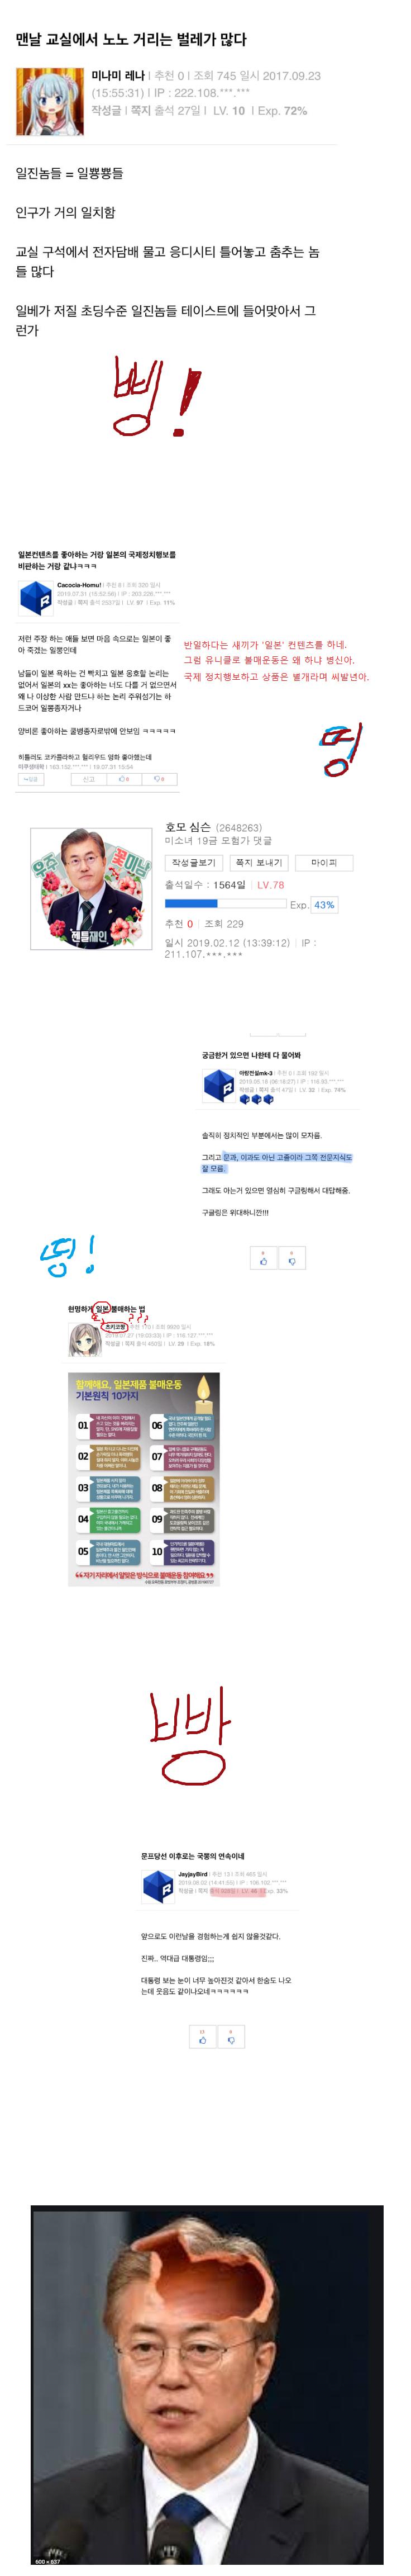 viewimage.php?id=2ebcc232eadd36&no=24b0d769e1d32ca73fed8ffa11d028317805b44c4c832ef9bd9f21ca3c34a89d857caf0a224ec4bb24abb0e33a0e22519635808168a0f2ea76b79e307fc58b5c8ae432